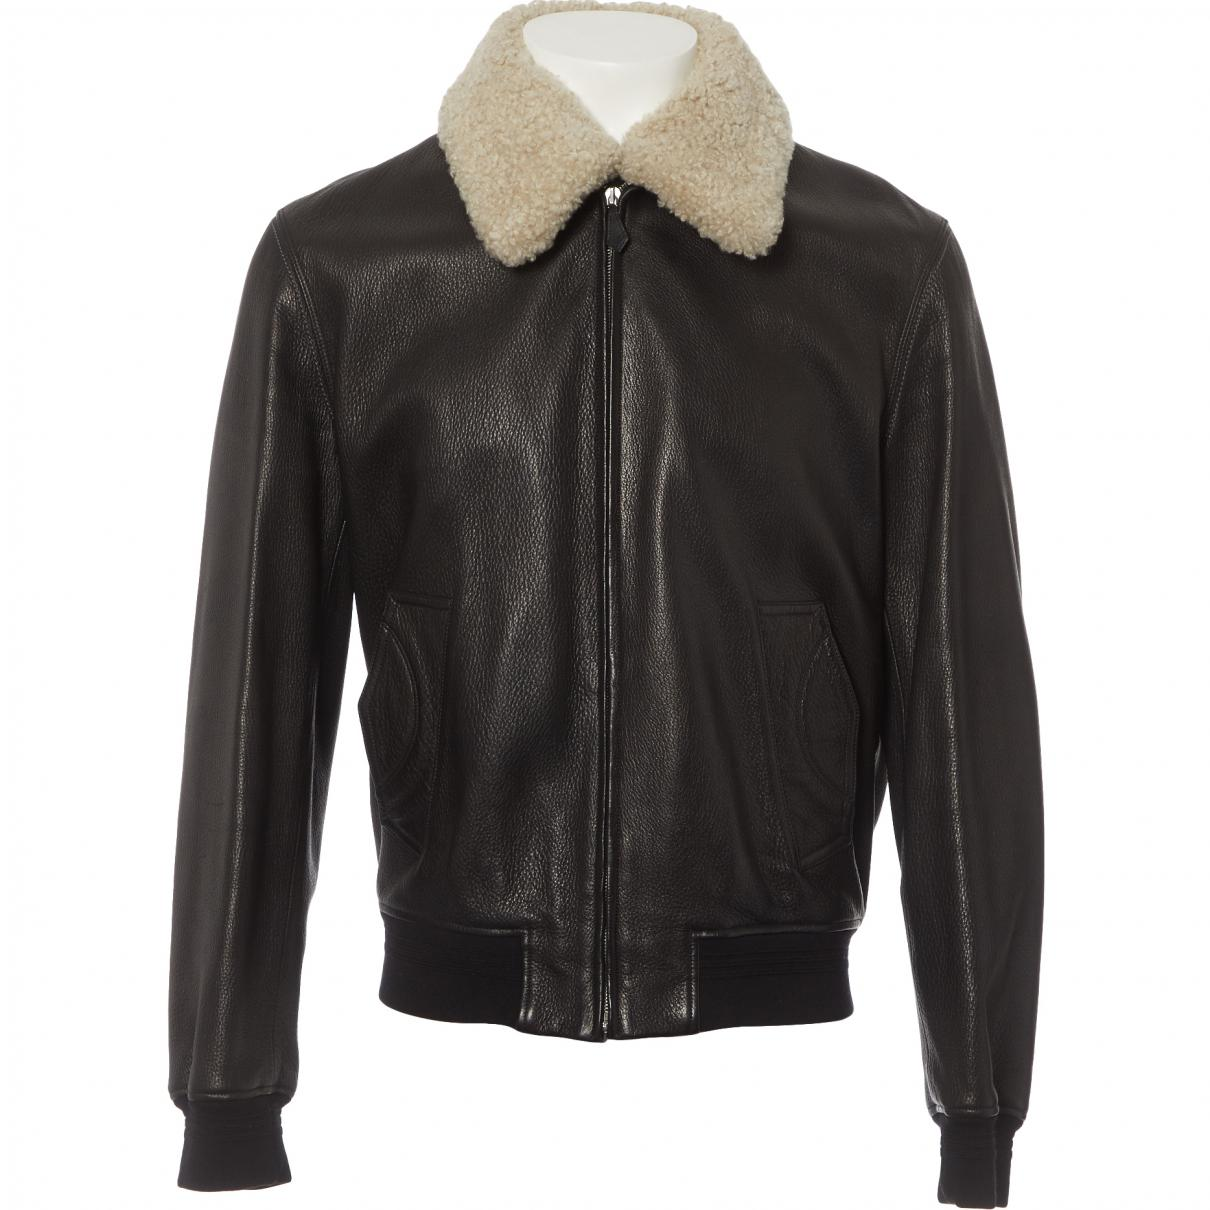 Lyst - Blouson en cuir Hermès pour homme en coloris Marron 3d1af7770d1